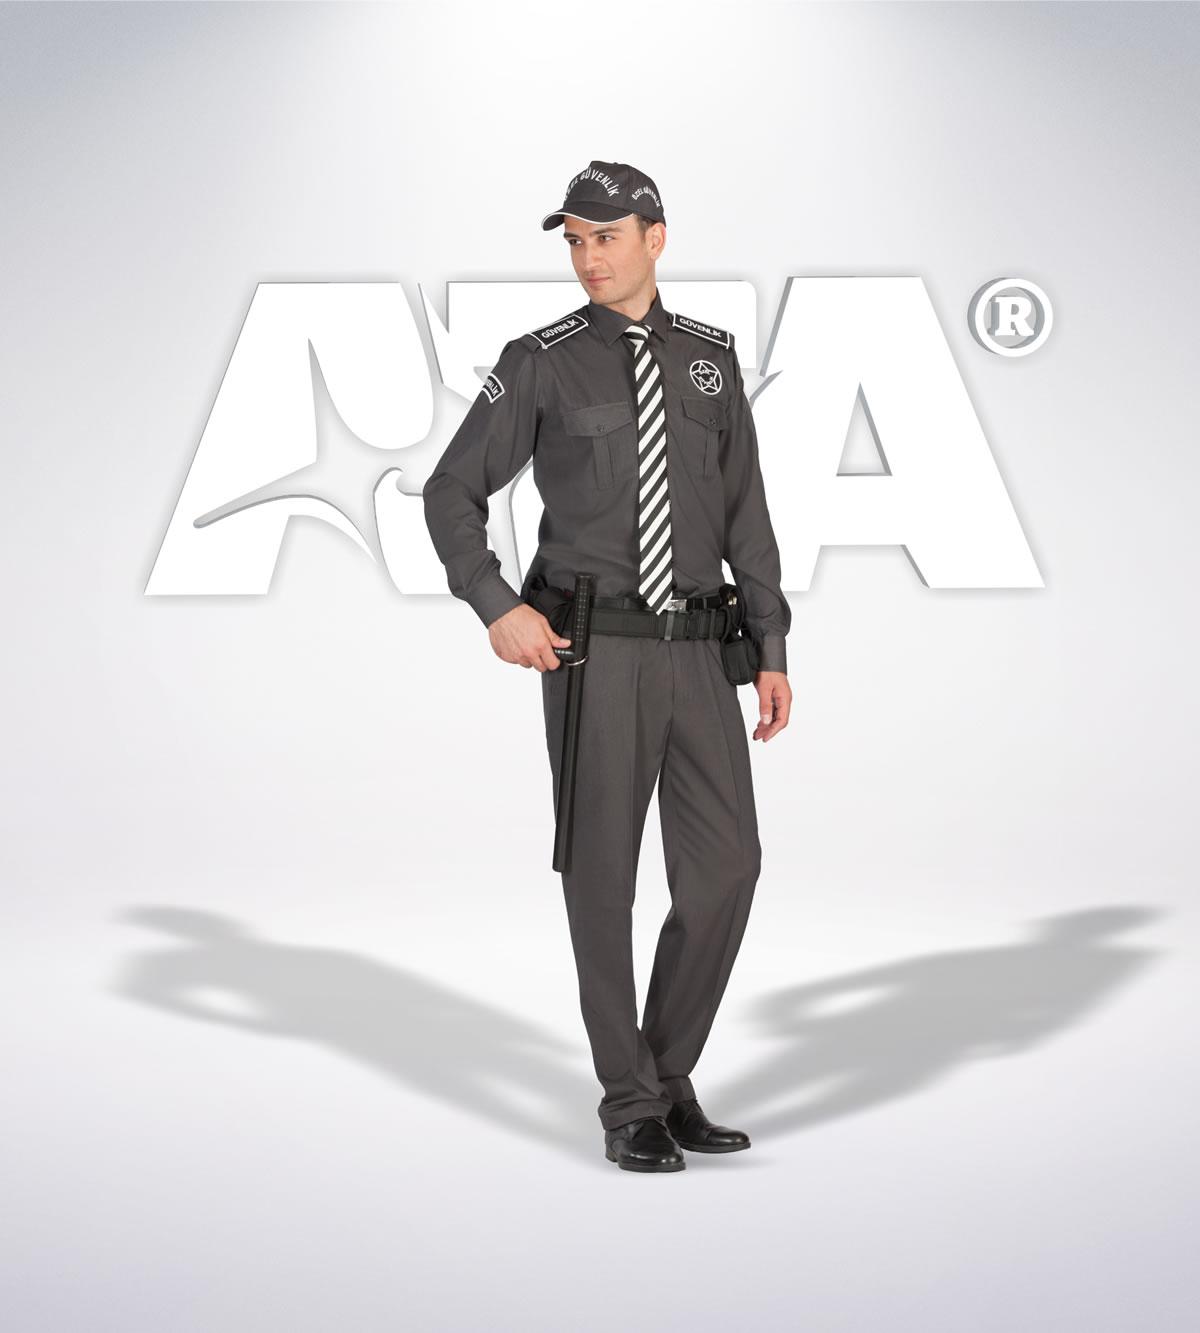 ATA 137 - Pantolon kışlık - gömlek yazlık-kışlık - aksesuar - güvenlik elbiseleri | güvenlik üniformaları | güvenlik kıyafetleri